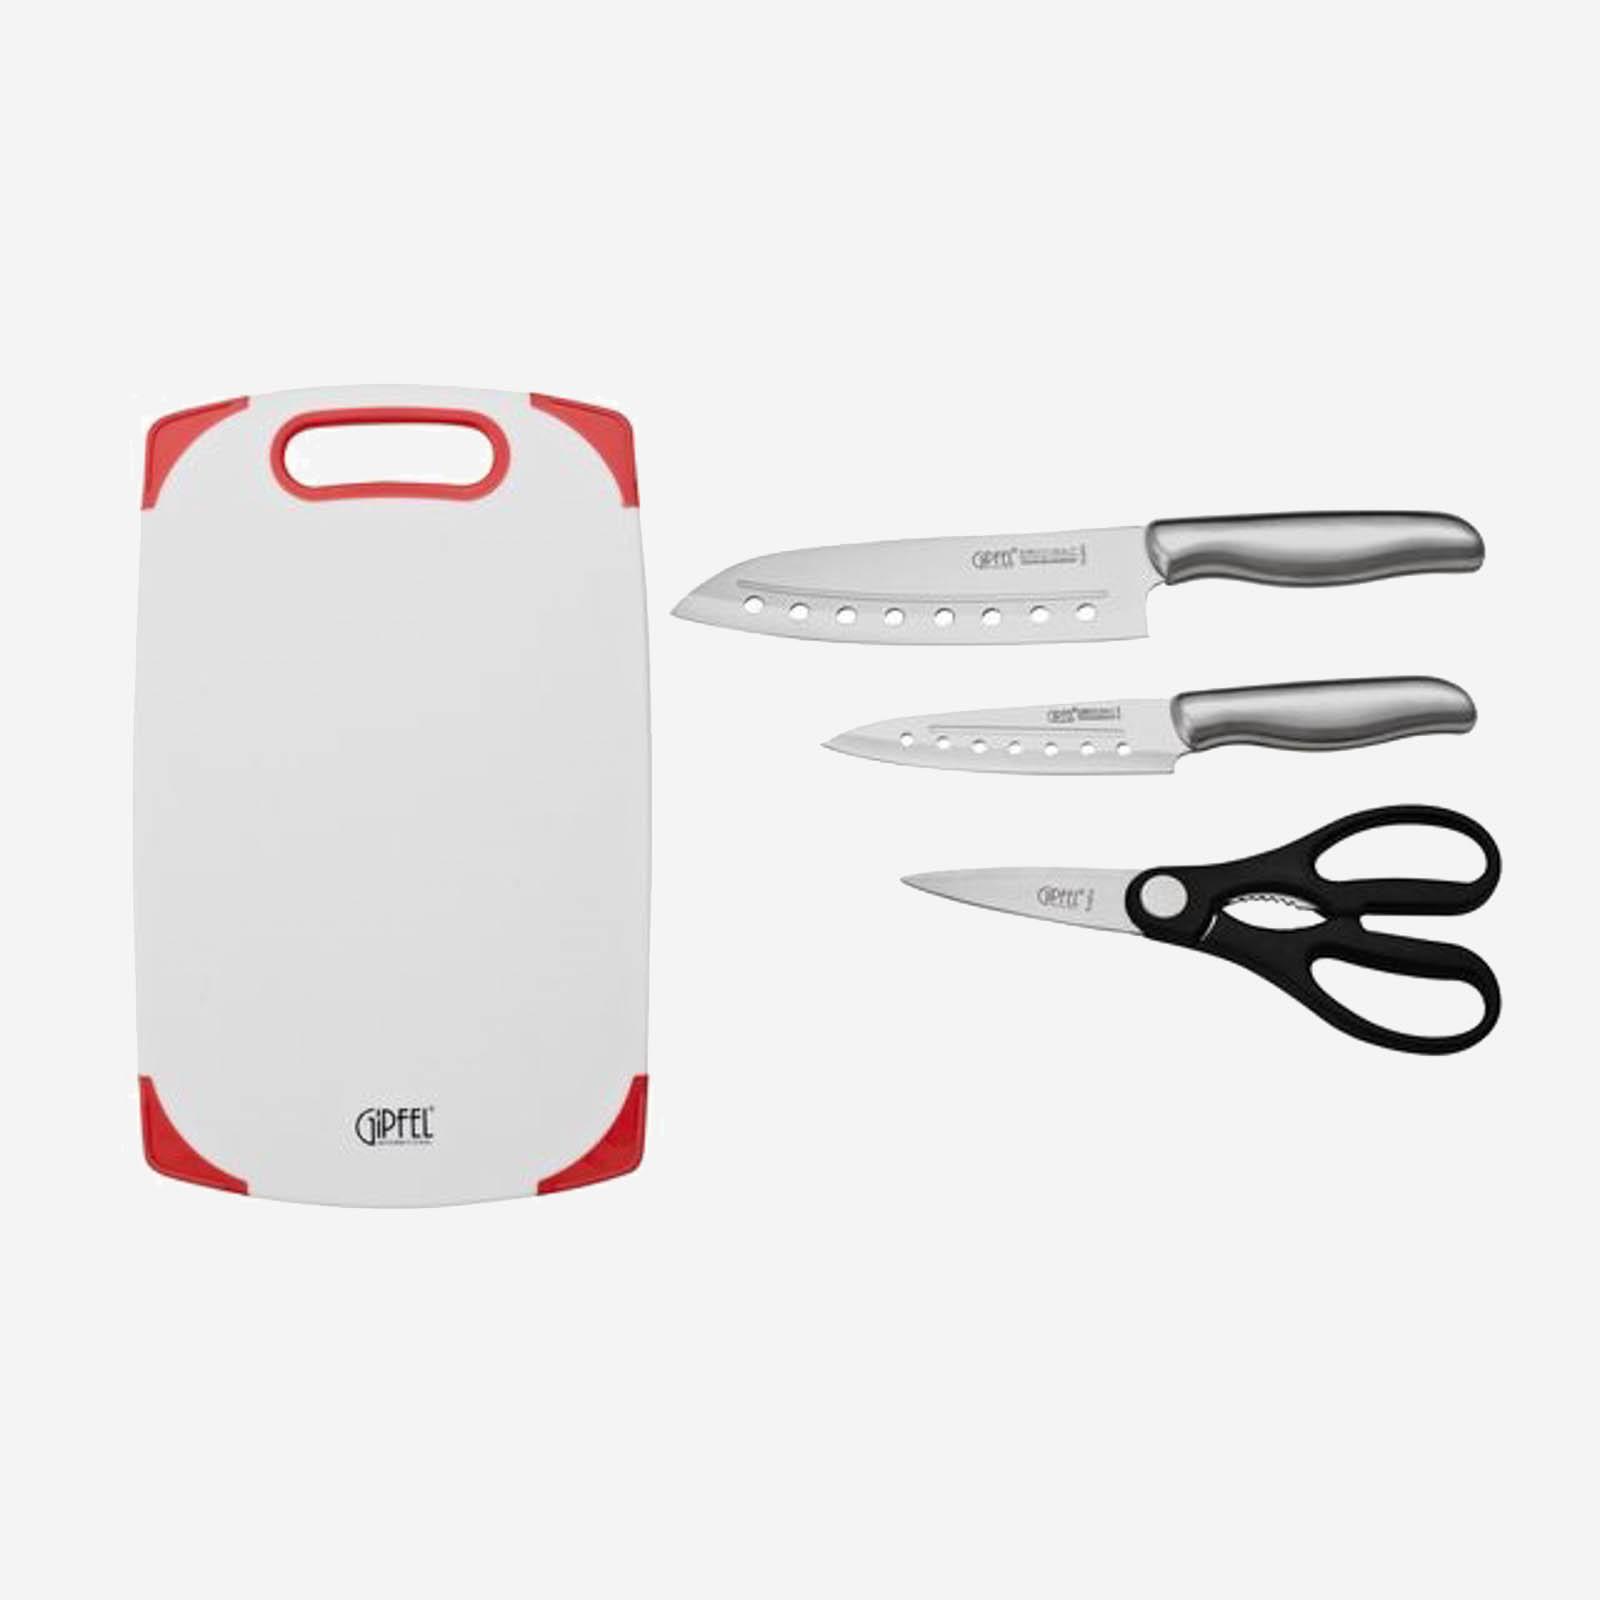 Набор кухонных инструментов от GIPFEL